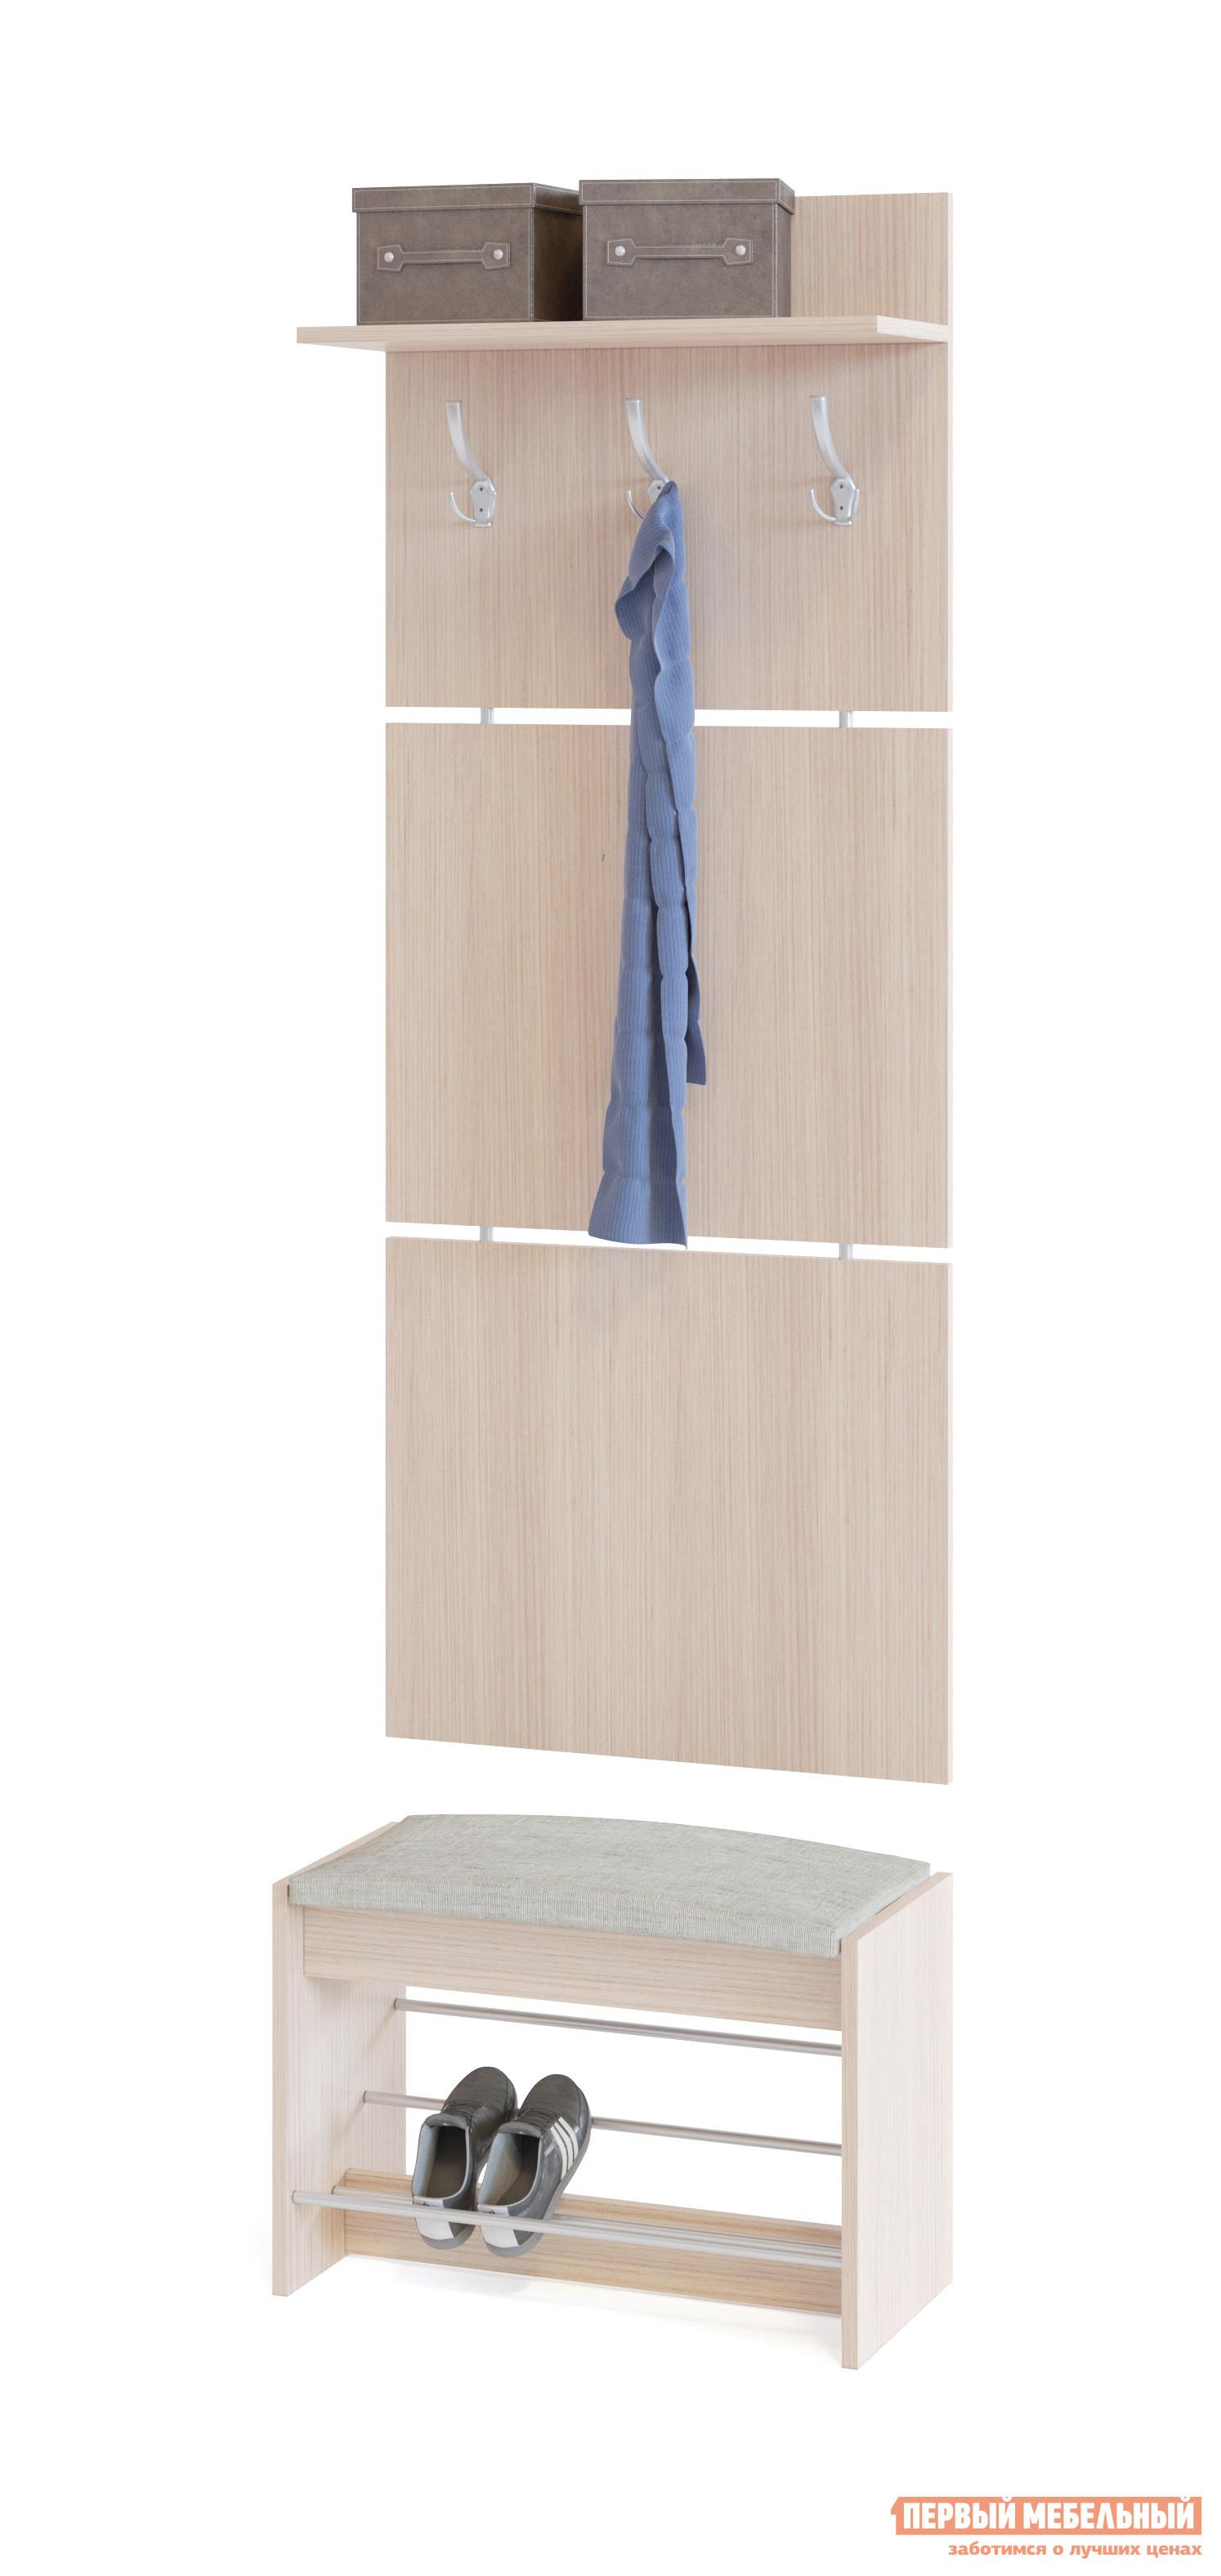 Прихожая Сокол ВШ-5.1+ТП-5 Беленый дубПрихожие в коридор<br>Габаритные размеры ВхШхГ 1898x600x281 мм. Настенная вешалка с обувницей — удобный вариант для маленькой прихожей.  Модель позволит разместить сезонную одежду всей семьи.  Вешалка состоит из 3-х панелей соединенных металлическими вставками.  Полка, закрепленная над крючками для одежды, предназначена специально для головных уборов и зонтов.  Максимальная нагрузка на полку составляет 5 кг. Обувница имеет мягкое сидением, на котором удобно будет переобуваться.  Открытые полочки позволяют разместить до четырех пар обуви.  Максимальная нагрузка на обувницу — 120 кг. Модули изготавливаются из ЛДСП 16 мм, края обработаны кромкой ПВХ 0,4 мм.  Наполнение мягкого элемента на обувнице — ППУ, обивка — ткань рогожка.  Рекомендуем сохранить инструкцию по сборке (паспорт изделия) до истечения гарантийного срока.<br><br>Цвет: Беленый дуб<br>Цвет: Светлое дерево<br>Высота мм: 1898<br>Ширина мм: 600<br>Глубина мм: 281<br>Кол-во упаковок: 2<br>Форма поставки: В разобранном виде<br>Срок гарантии: 2 года<br>Тип: Прямые<br>Характеристика: Модульные<br>Материал: из ЛДСП<br>Размер: Маленькие, Узкие, Глубиной до 30 см, Глубиной до 35 см<br>Особенности: С сиденьем, С открытой вешалкой, С обувницей, Без шкафа